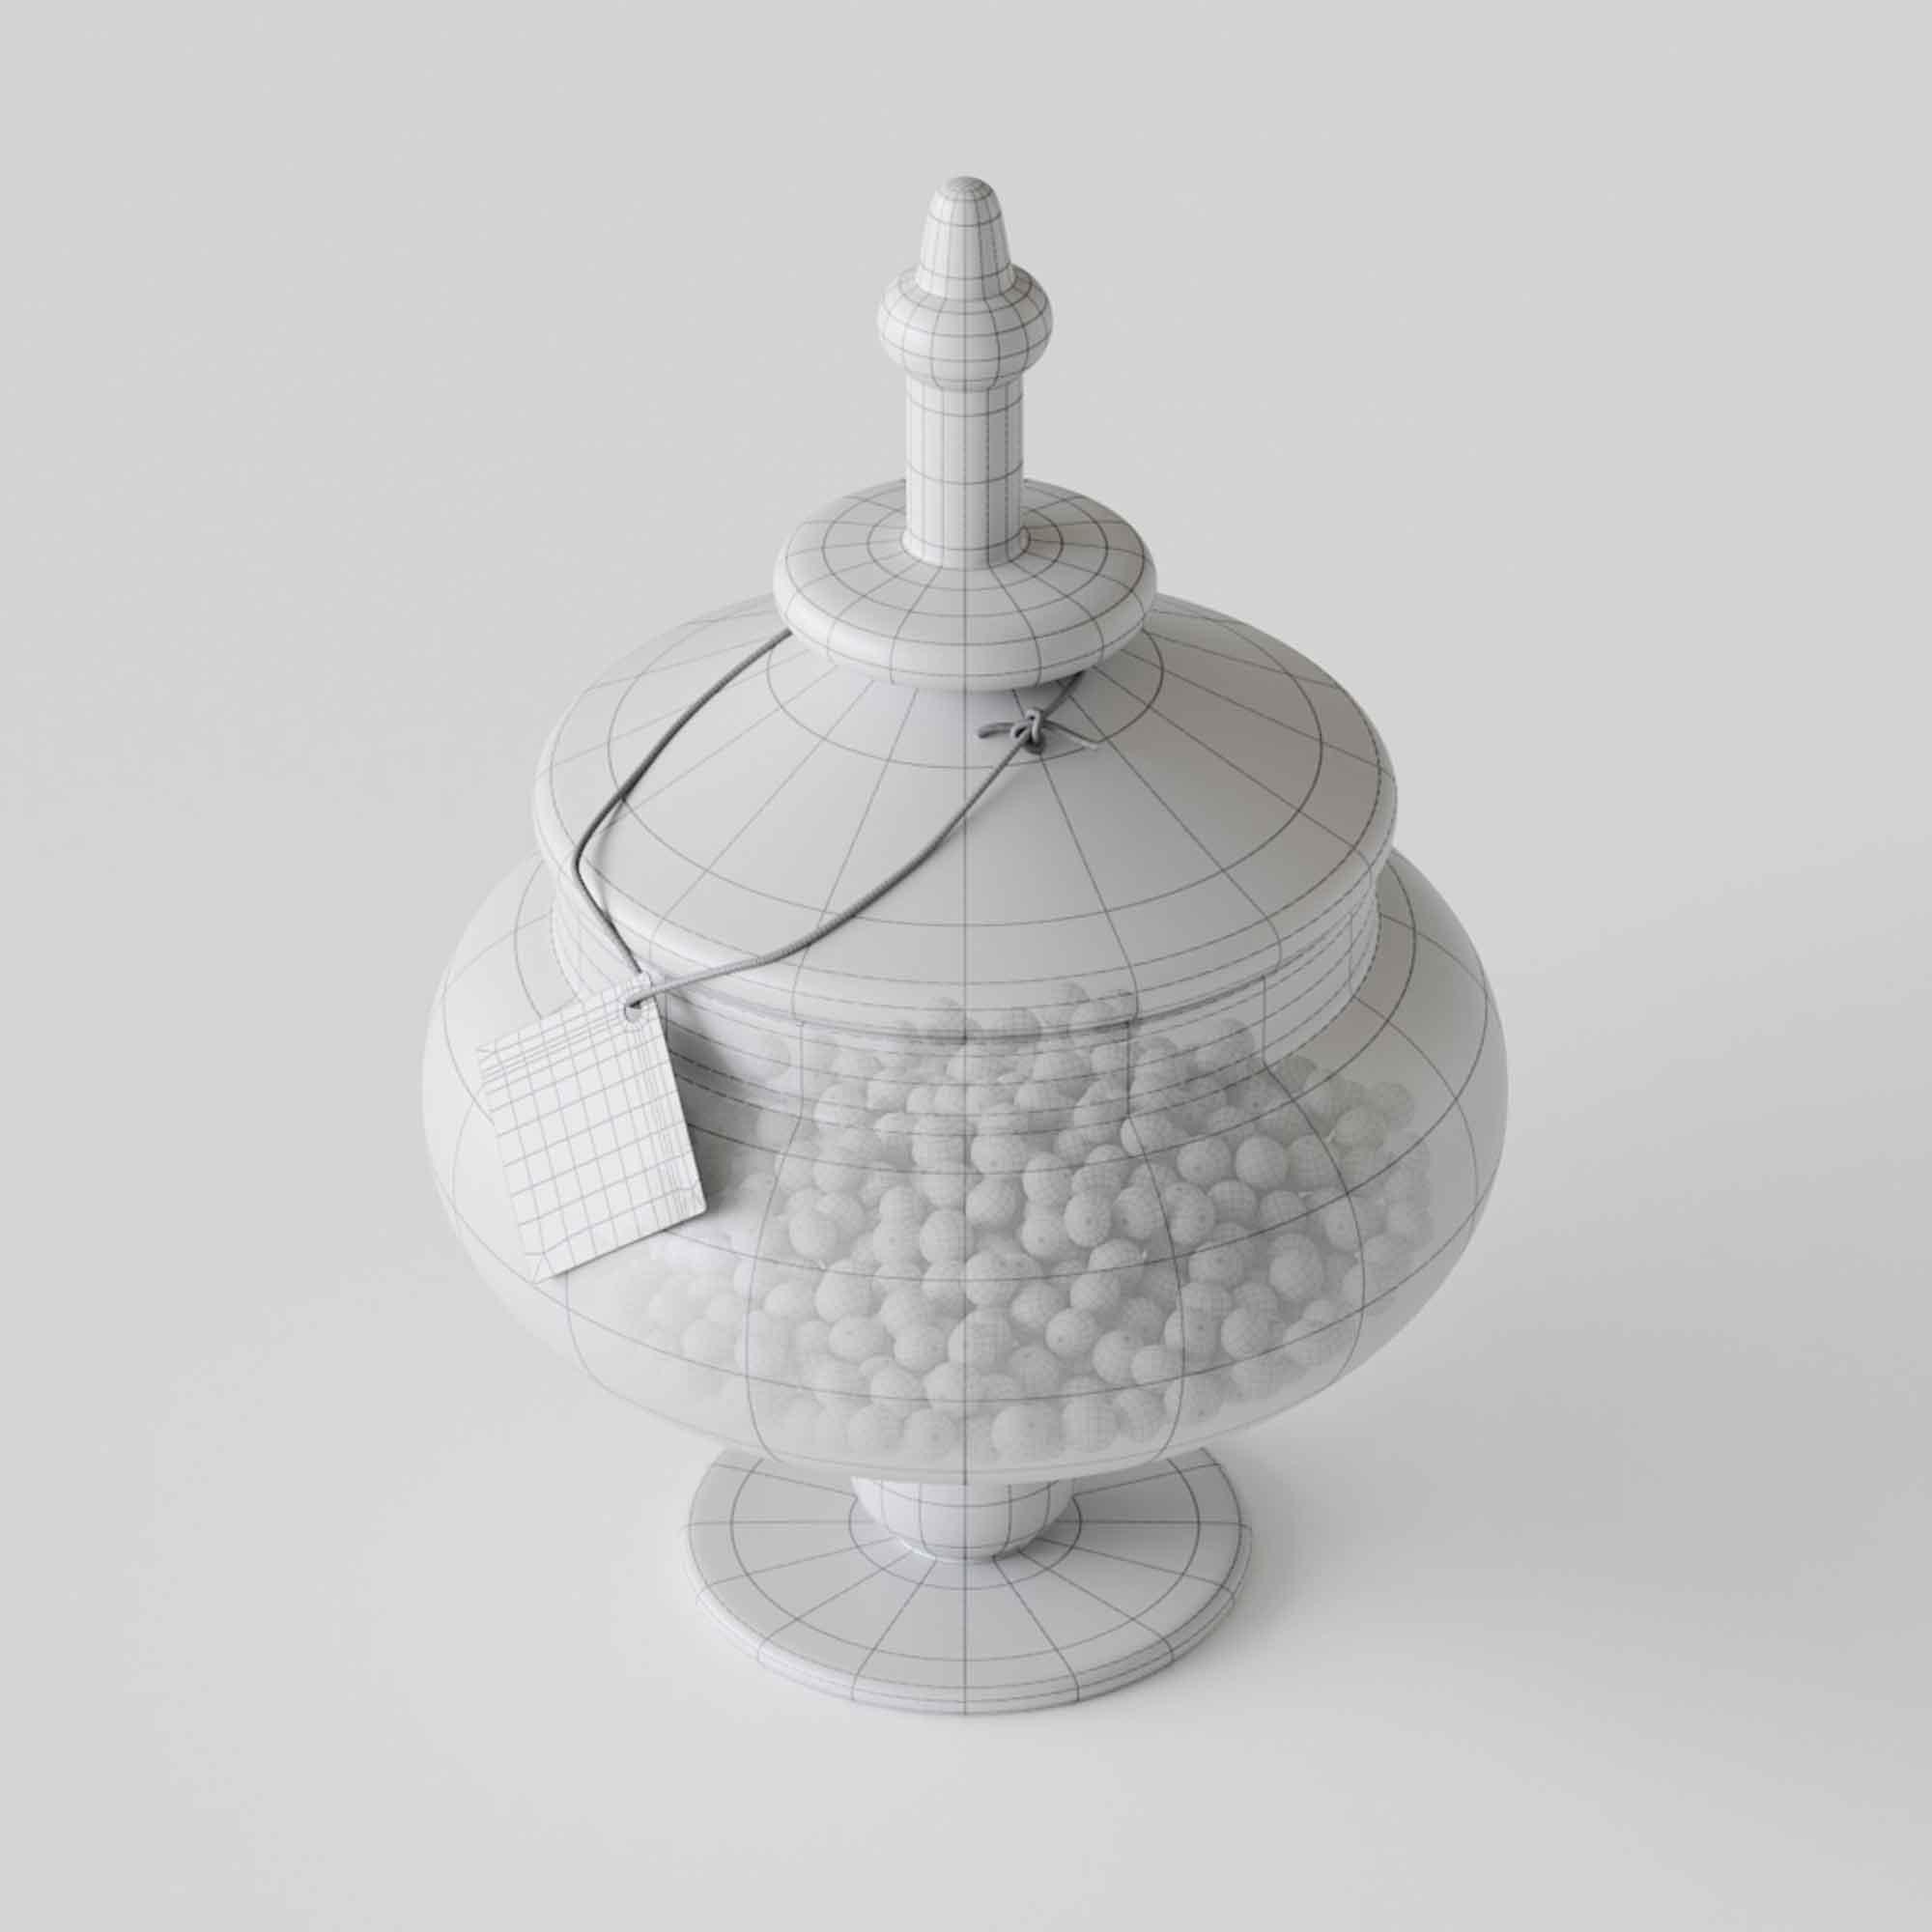 Candy in Jar 3D Model 3